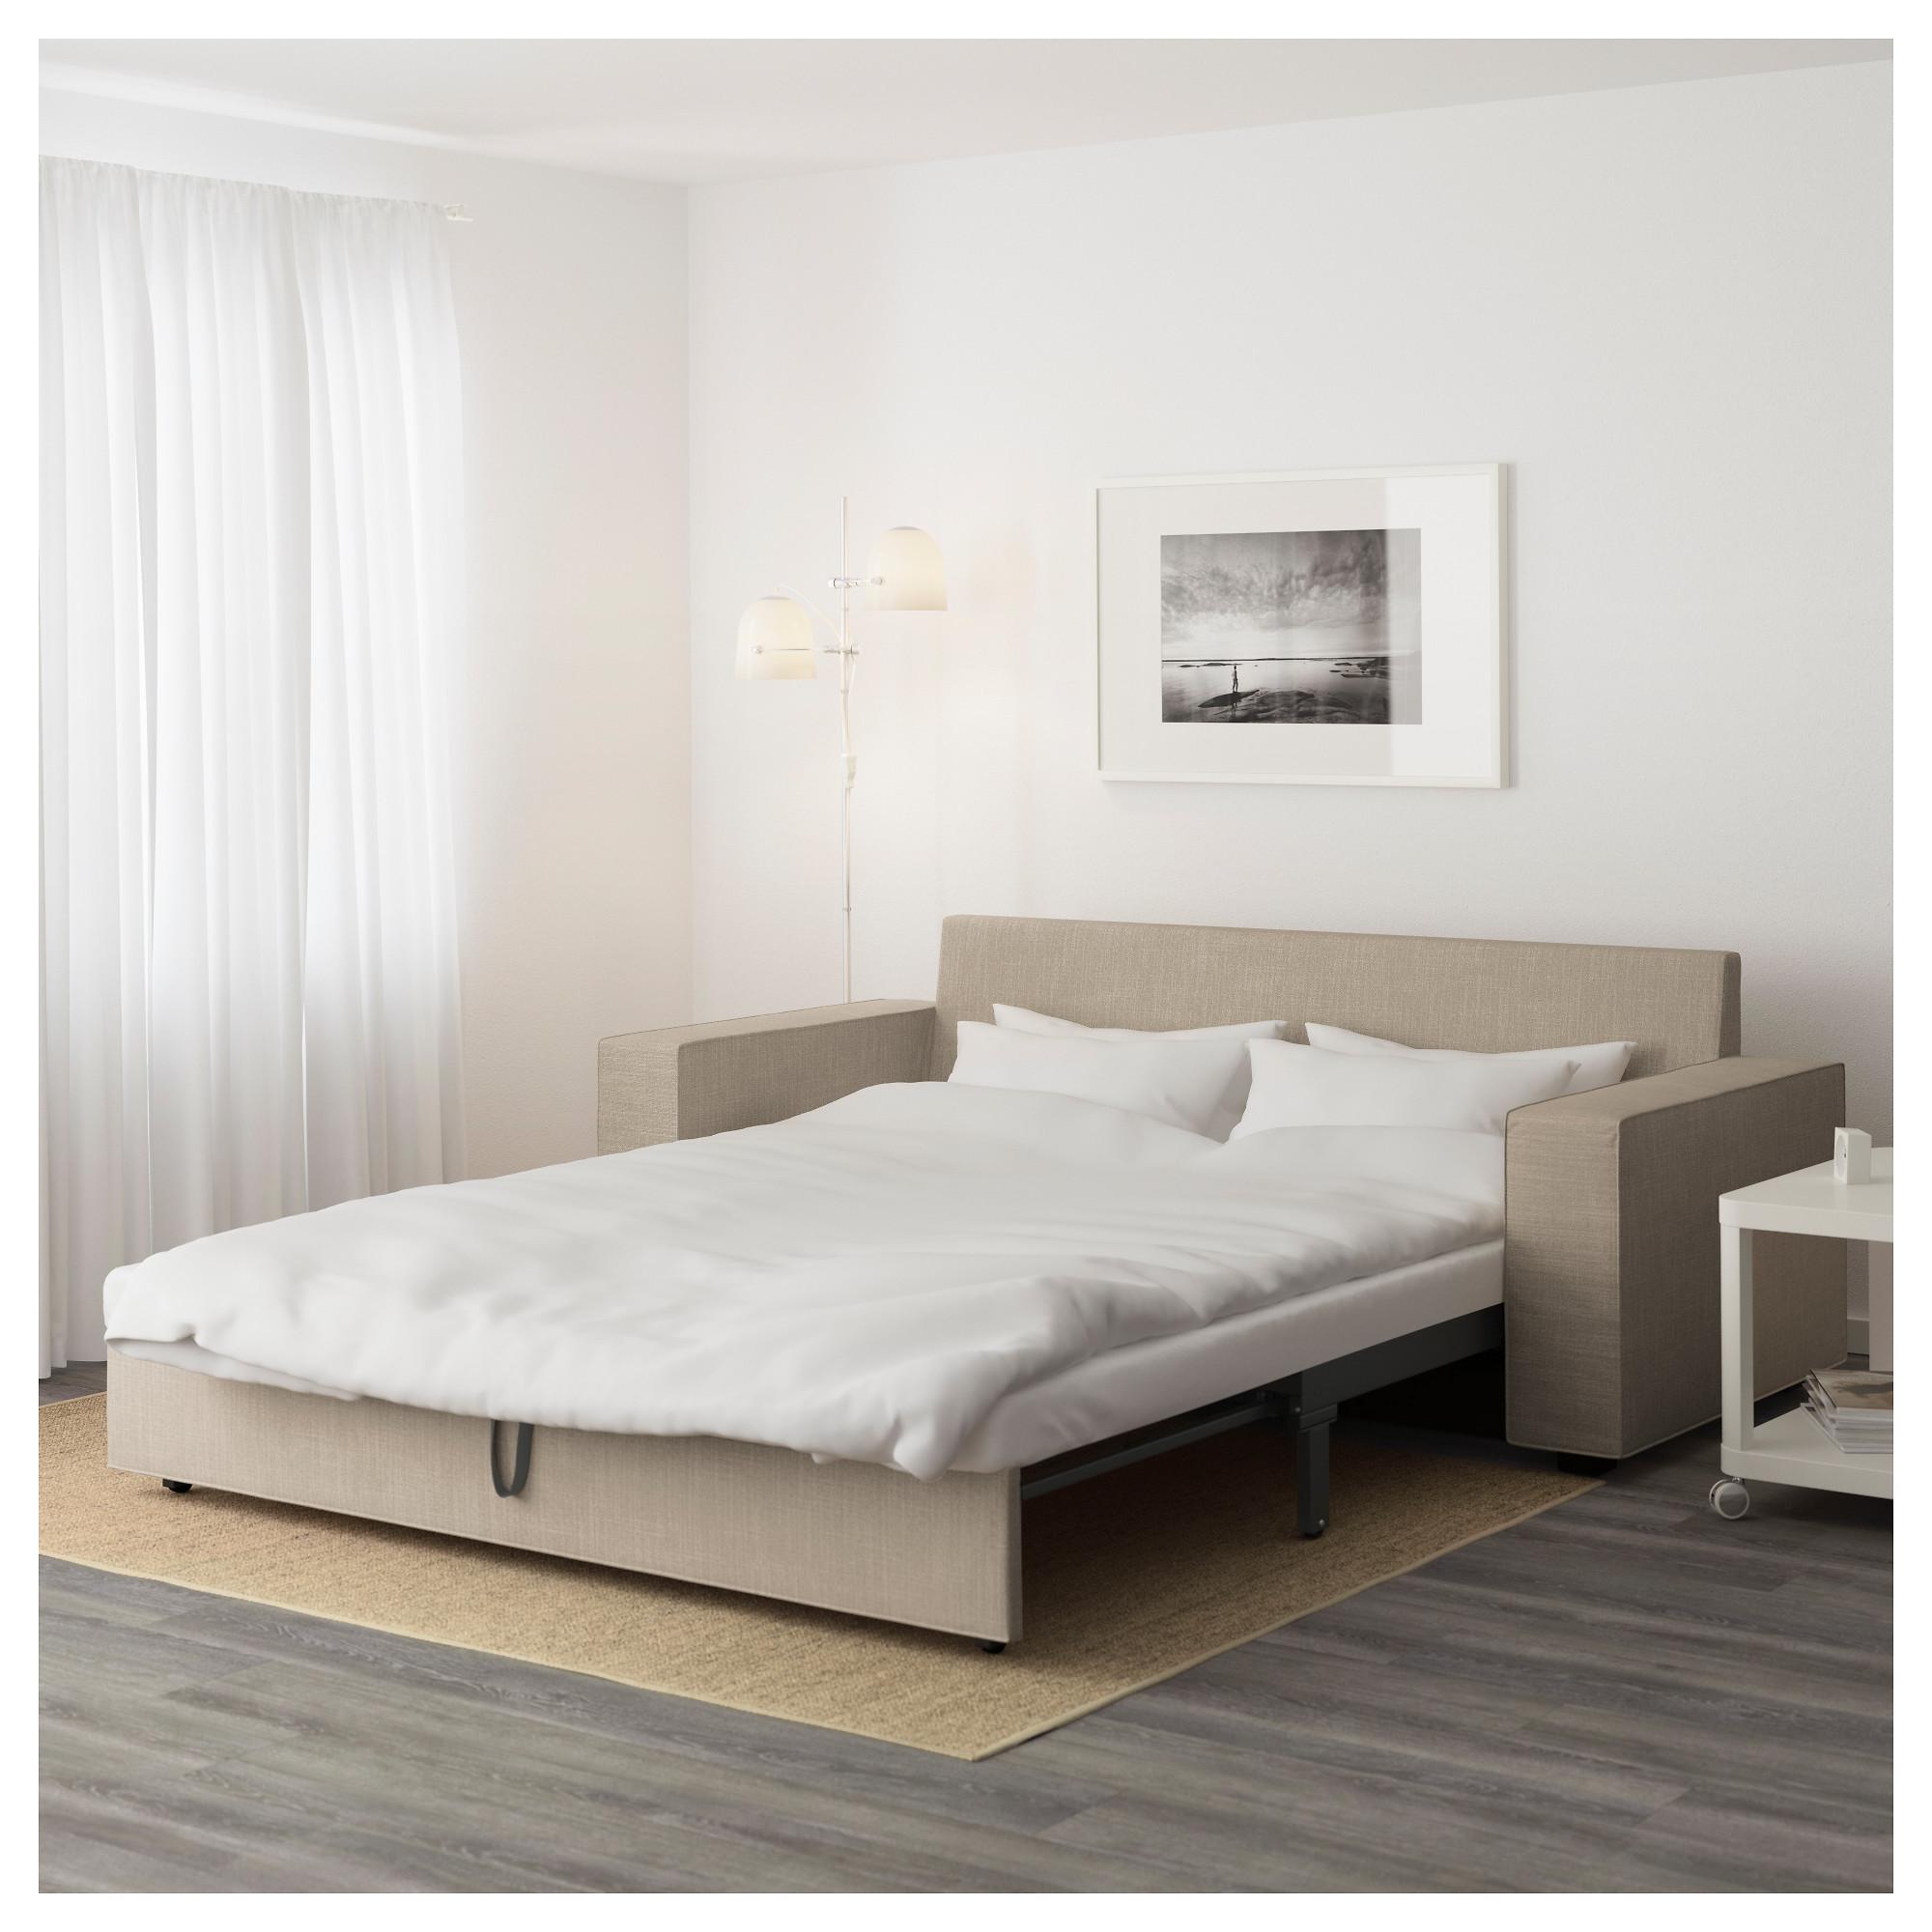 3-местный диван-кровать ВИЛАСУНД бежевый артикуль № 692.824.98 в наличии. Online магазин ИКЕА Беларусь. Быстрая доставка и установка.